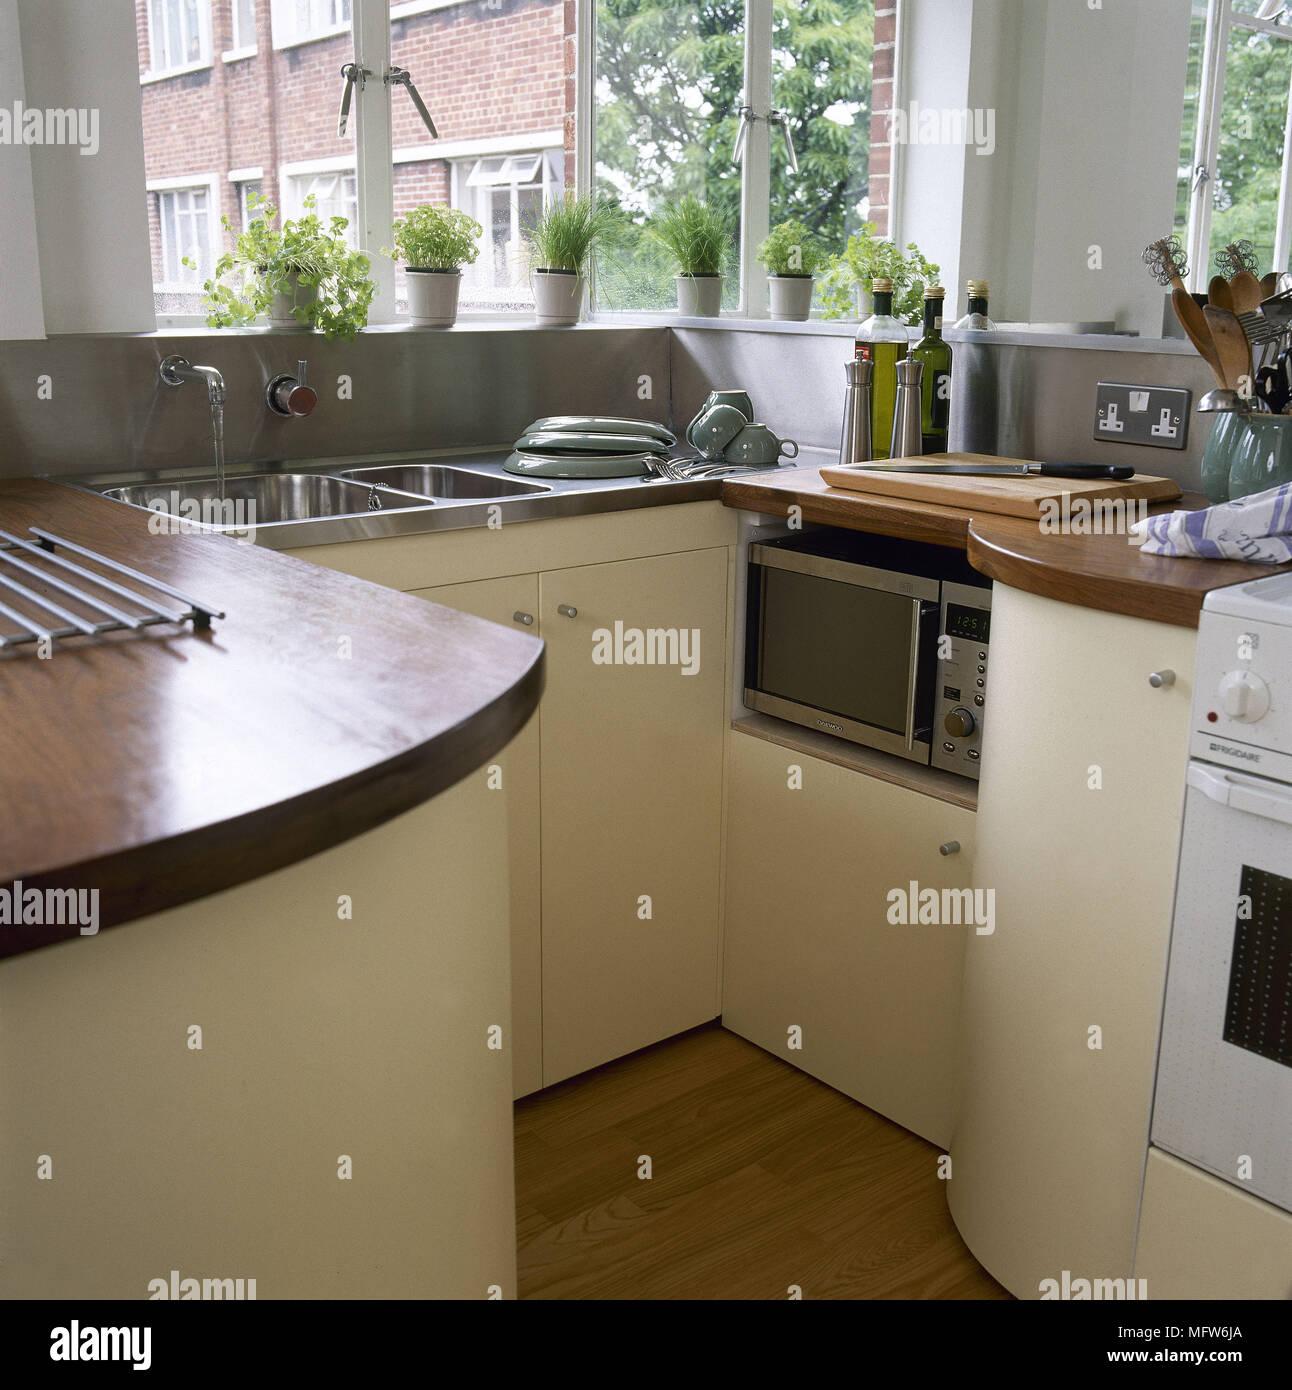 Fein Küchenecke Einheiten Uk Bilder - Ideen Für Die Küche Dekoration ...